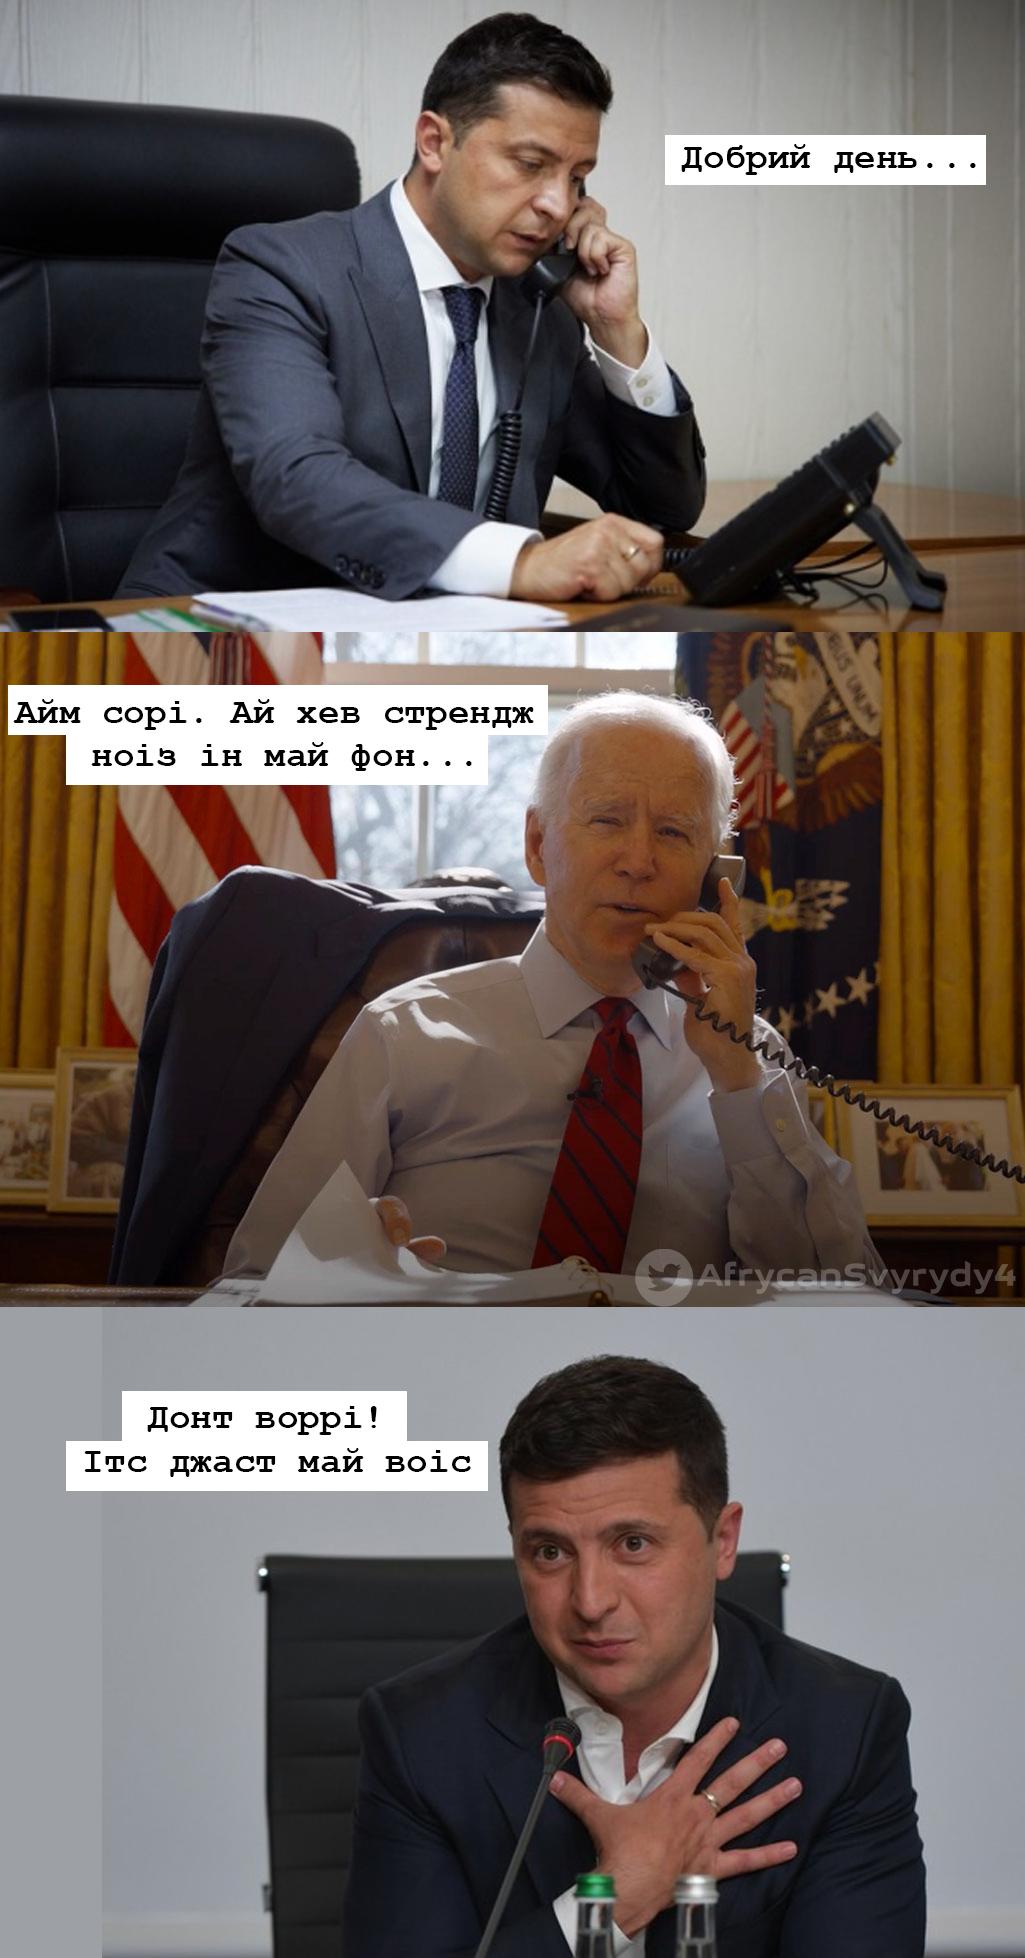 """""""Этот """"байдень"""" настал"""": соцсети о телефонном разговоре Зеленского и Байдена (ФОТО) - фото 3"""